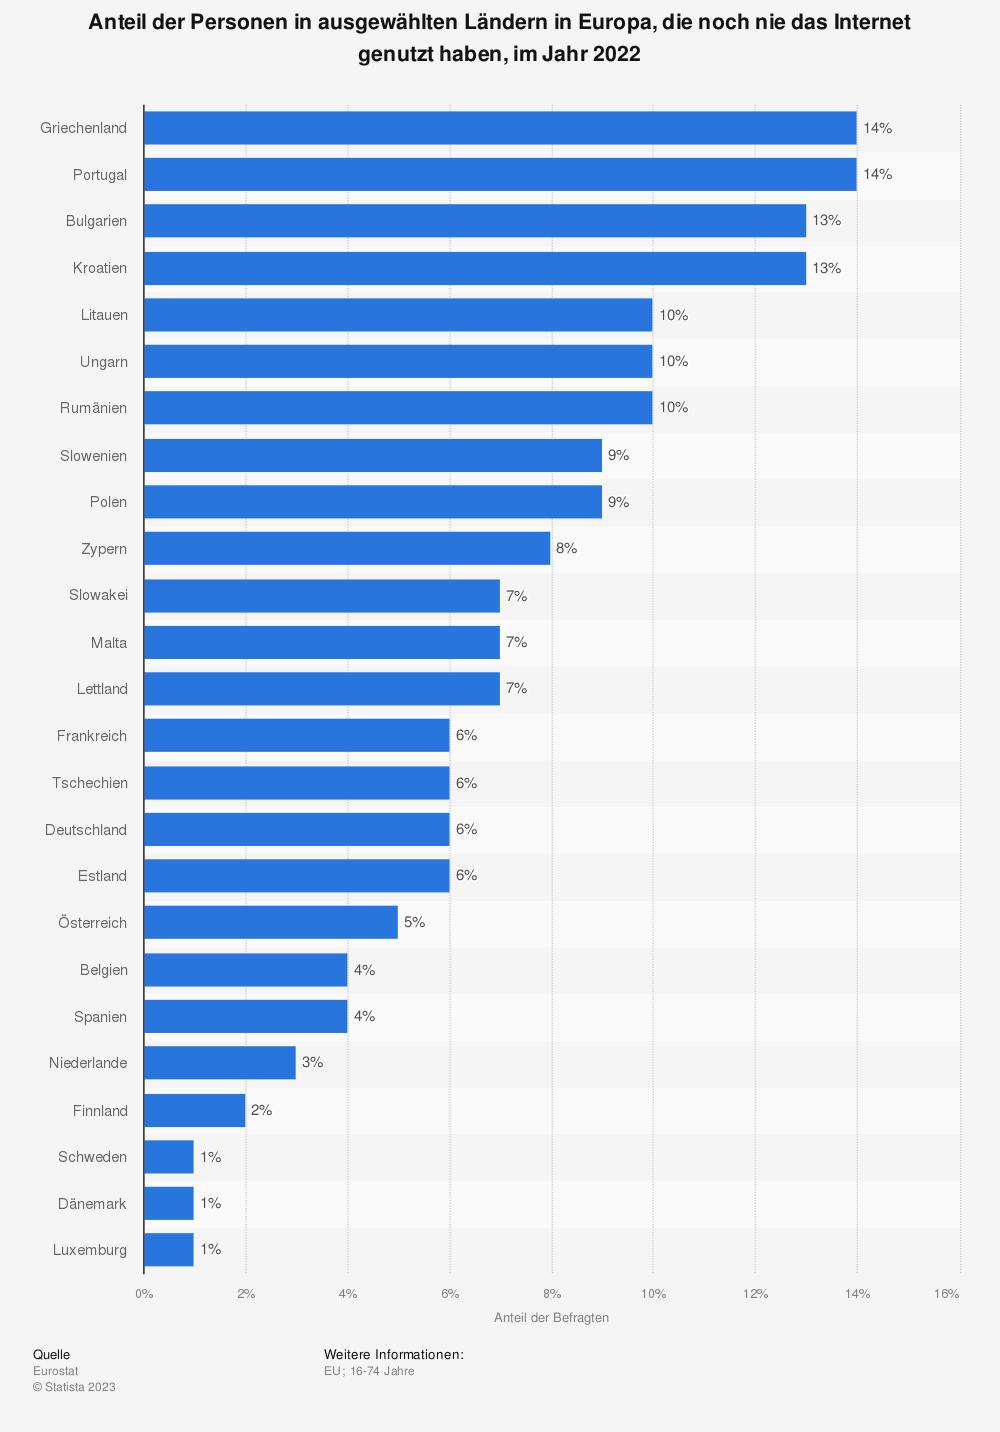 Statistik: Anteil der Personen in der Europäischen Union (EU-28), die noch nie das Internet genutzt haben, nach Ländern im Jahr 2018 | Statista